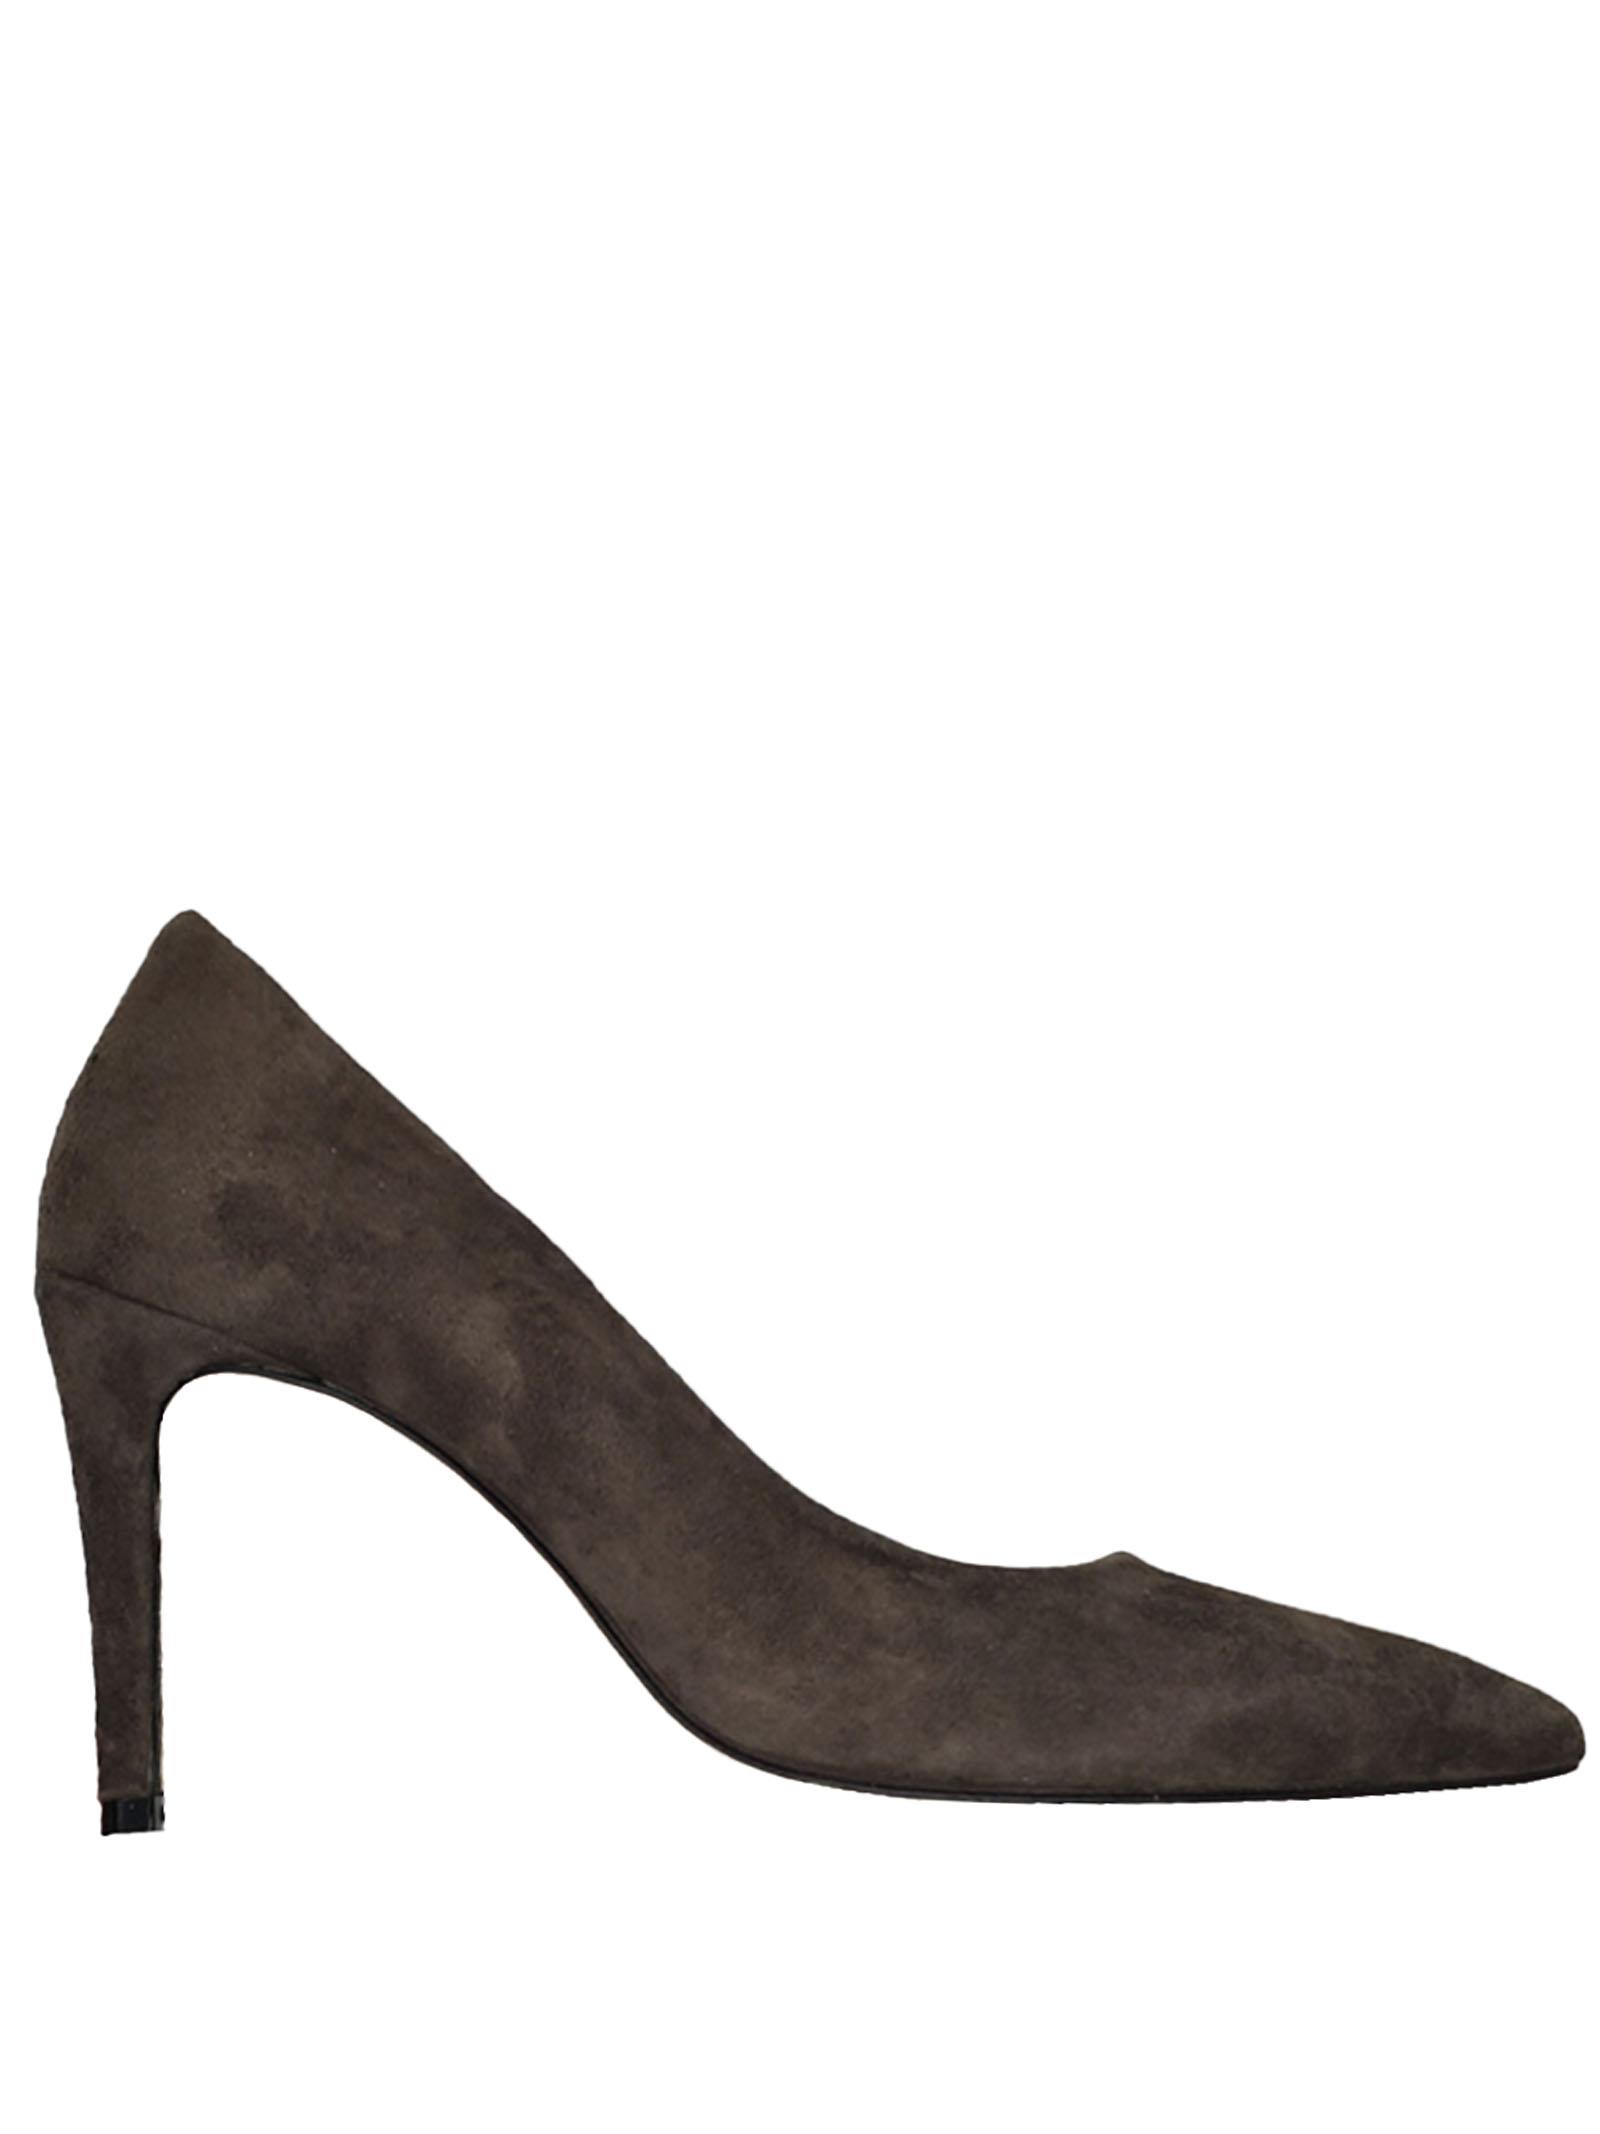 Women's High Heel Décolleté Spatarella | Pumps | 503FANGO